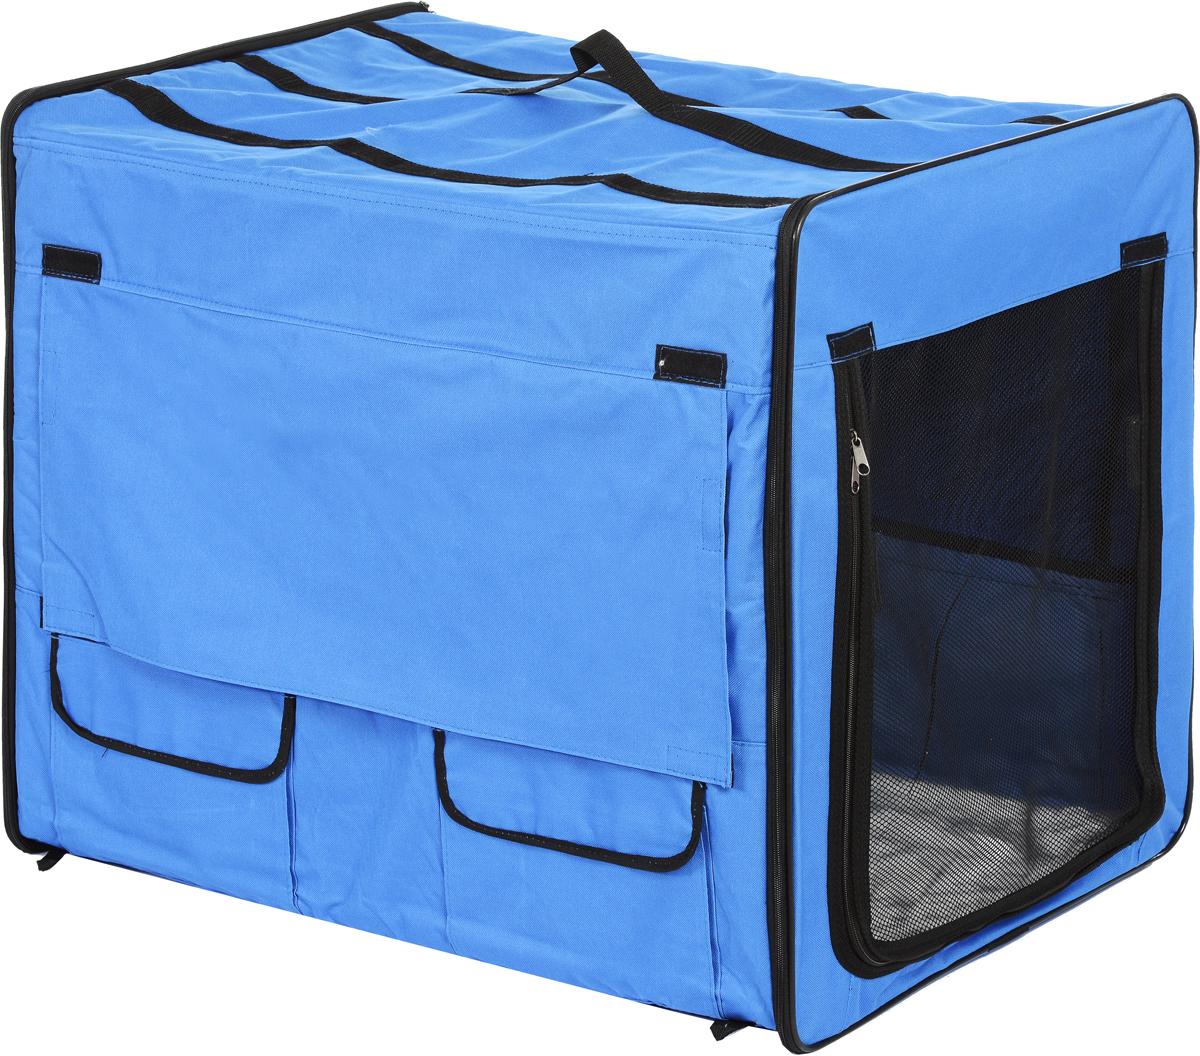 Клетка для животных Заря-Плюс, выставочная, цвет: голубой, черный, 75 х 60 х 50 смКТС2гКлетка для животных Заря-Плюс предназначена для показа кошек и собак на выставках. Она изготовлена из плотного текстиля. Клетка выполнена наполовину из сетки, которая при необходимости закрывается шторкой. В открытом состоянии сетку можно закрепить с помощью липучки. Изделие снабжено двумя небольшими карманами для мелочей и одним большим карманом. Одна из боковых частей палатки выполнена из сетки, которая пристегивается с помощью молнии. В комплект палатки входит съемное дно из ДВП и меховой матрац. При необходимости матрац легко снимается для стирки. В собранном виде палатка довольно компактна, при хранении занимает мало места. Палатка переносится в чехле, который входит в комплект. Для удобной переноски чехол имеет две короткие и одну длинную ручки, также на чехле имеется 2 больших кармана.